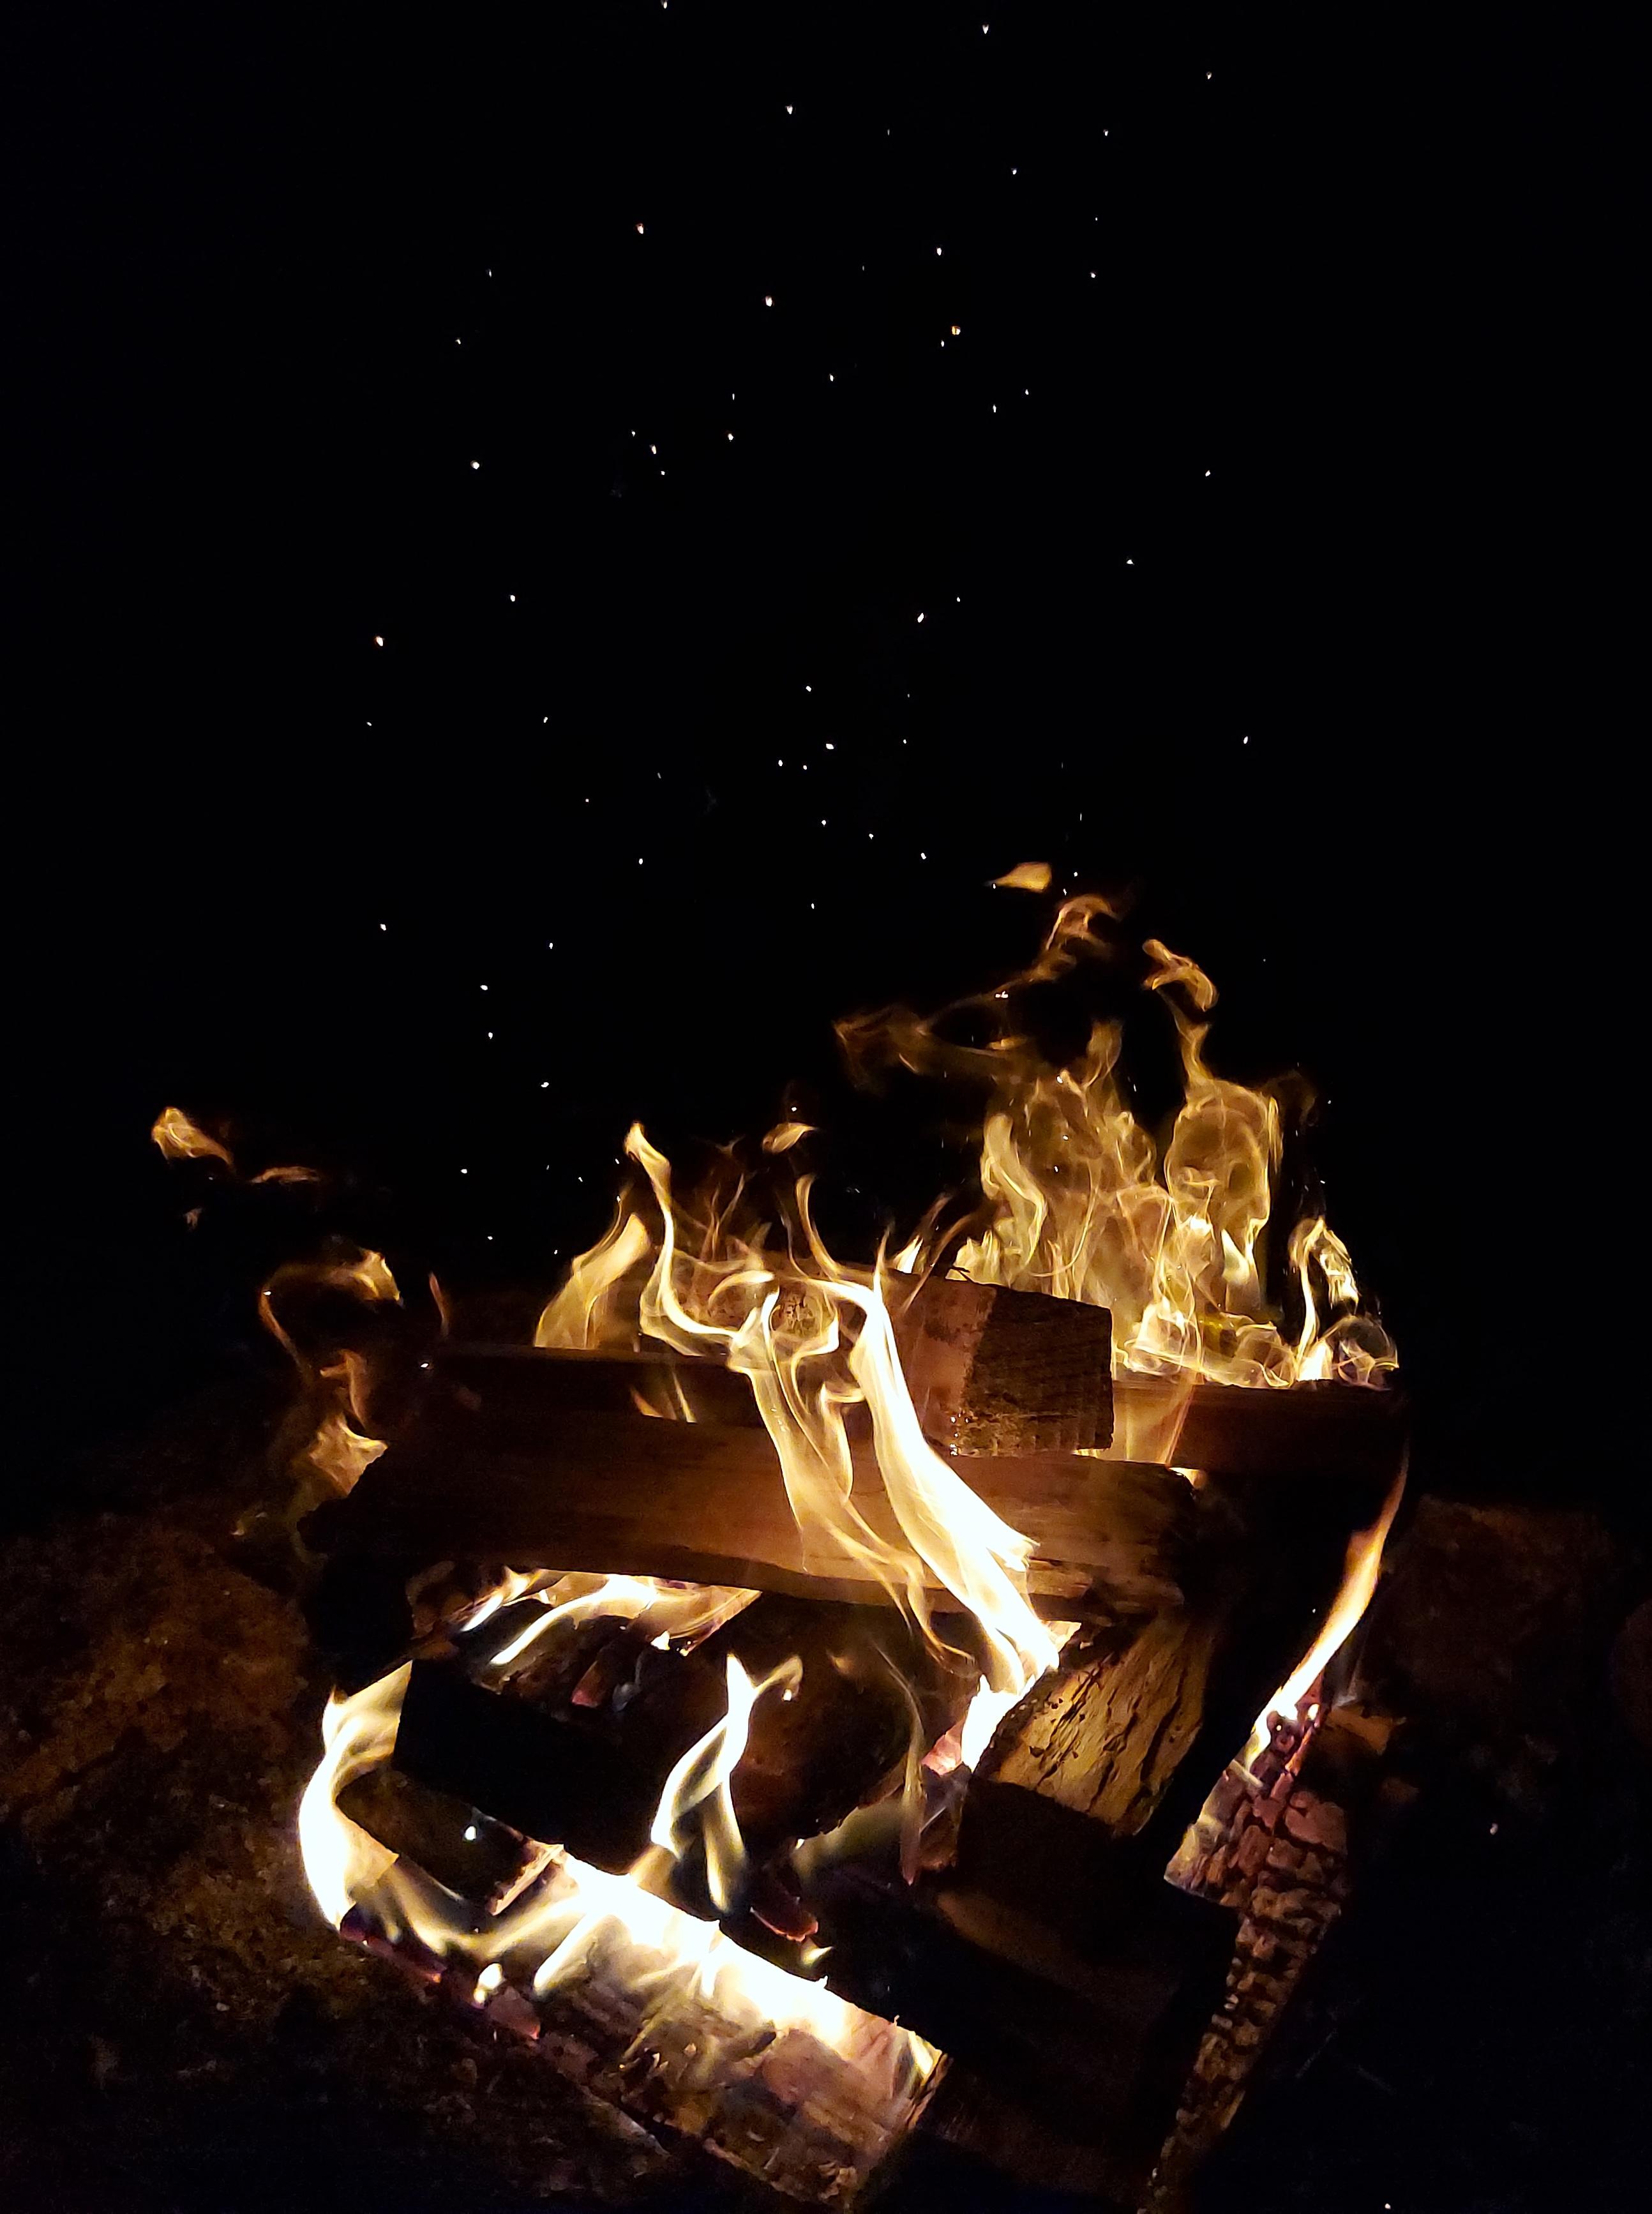 fotka táborového ohně